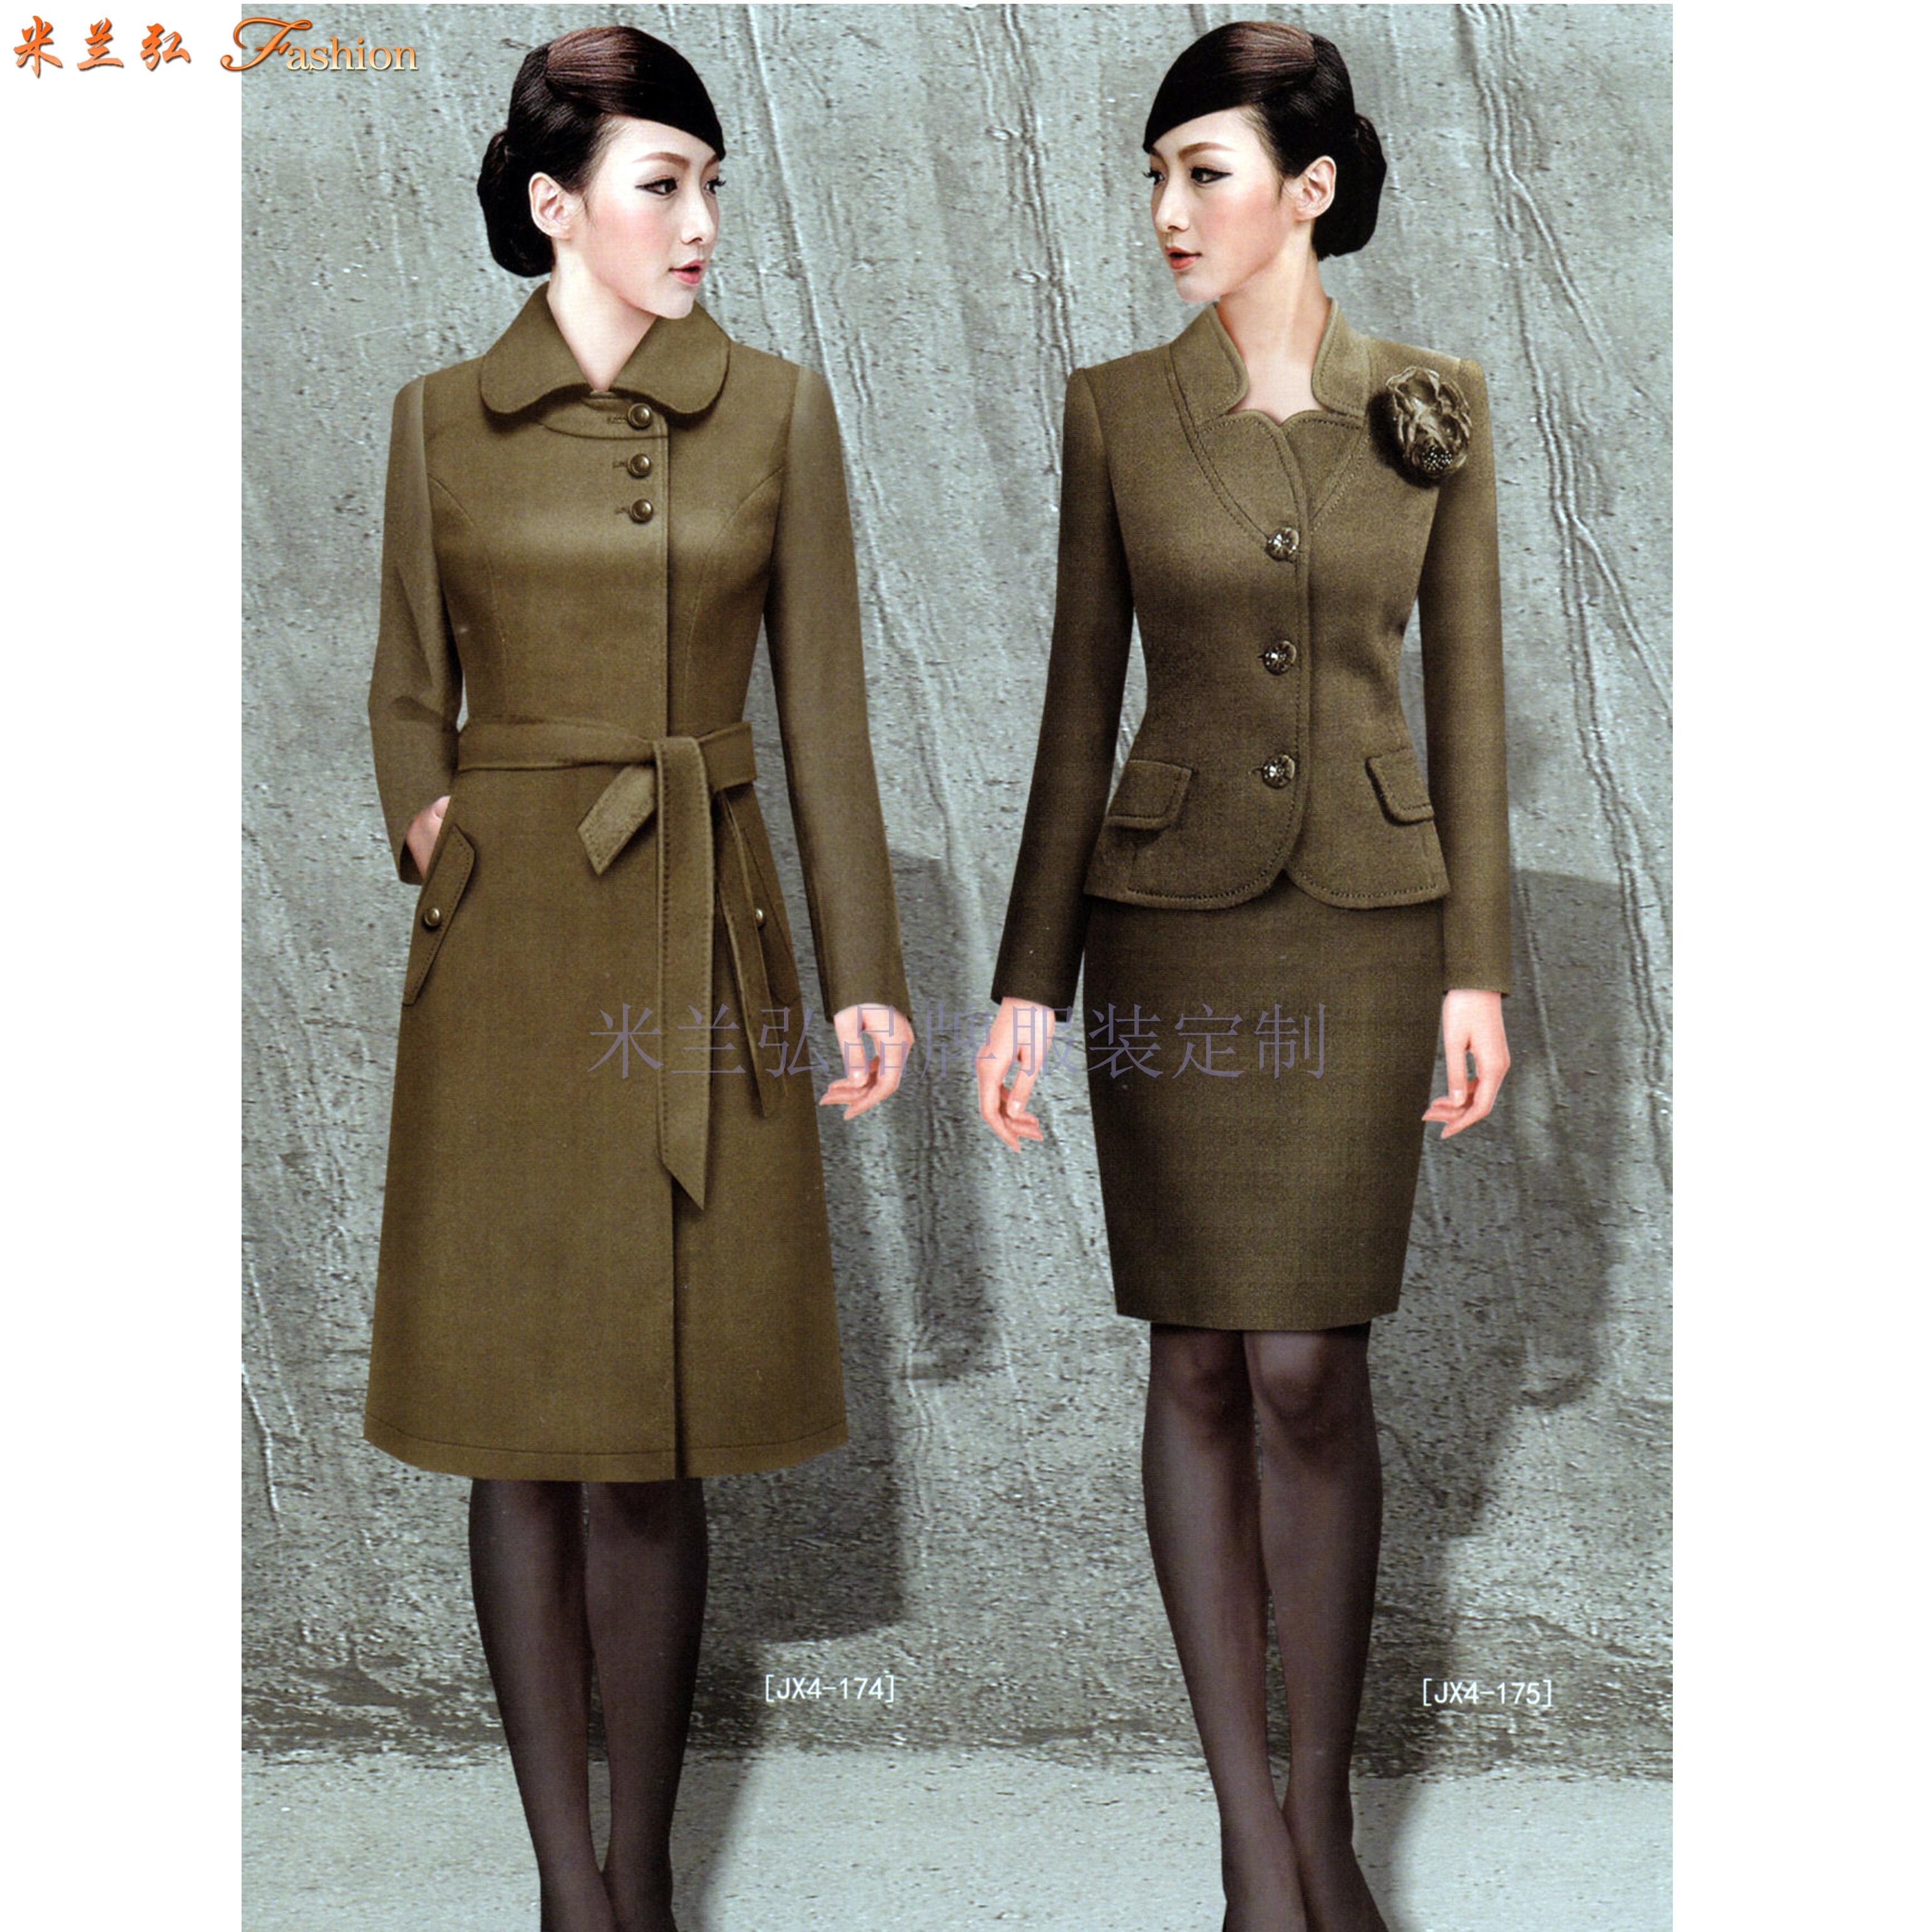 「大衣定做」量身訂制雙面呢羊毛中長款大衣-米蘭弘服裝-2